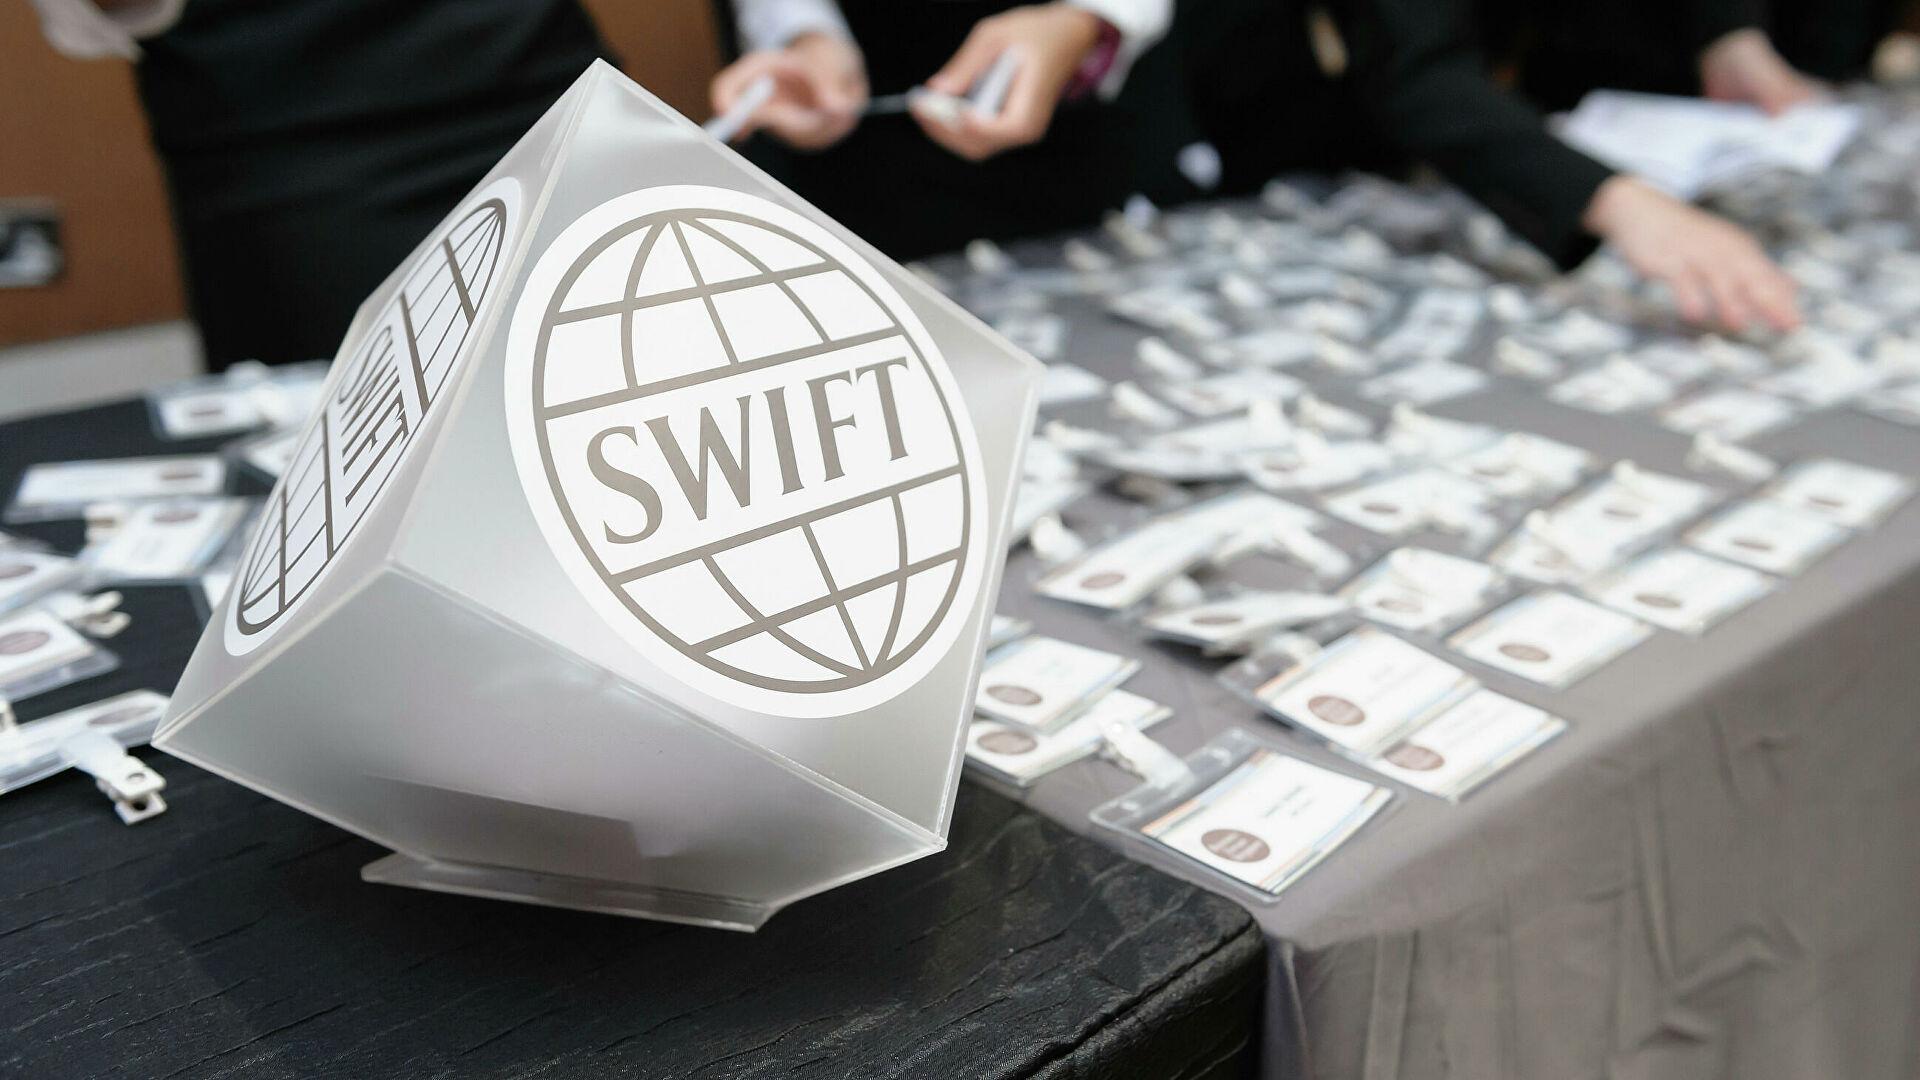 Москва: Систем SWIFT би могао бити укључен у спиралу санкција против Русије